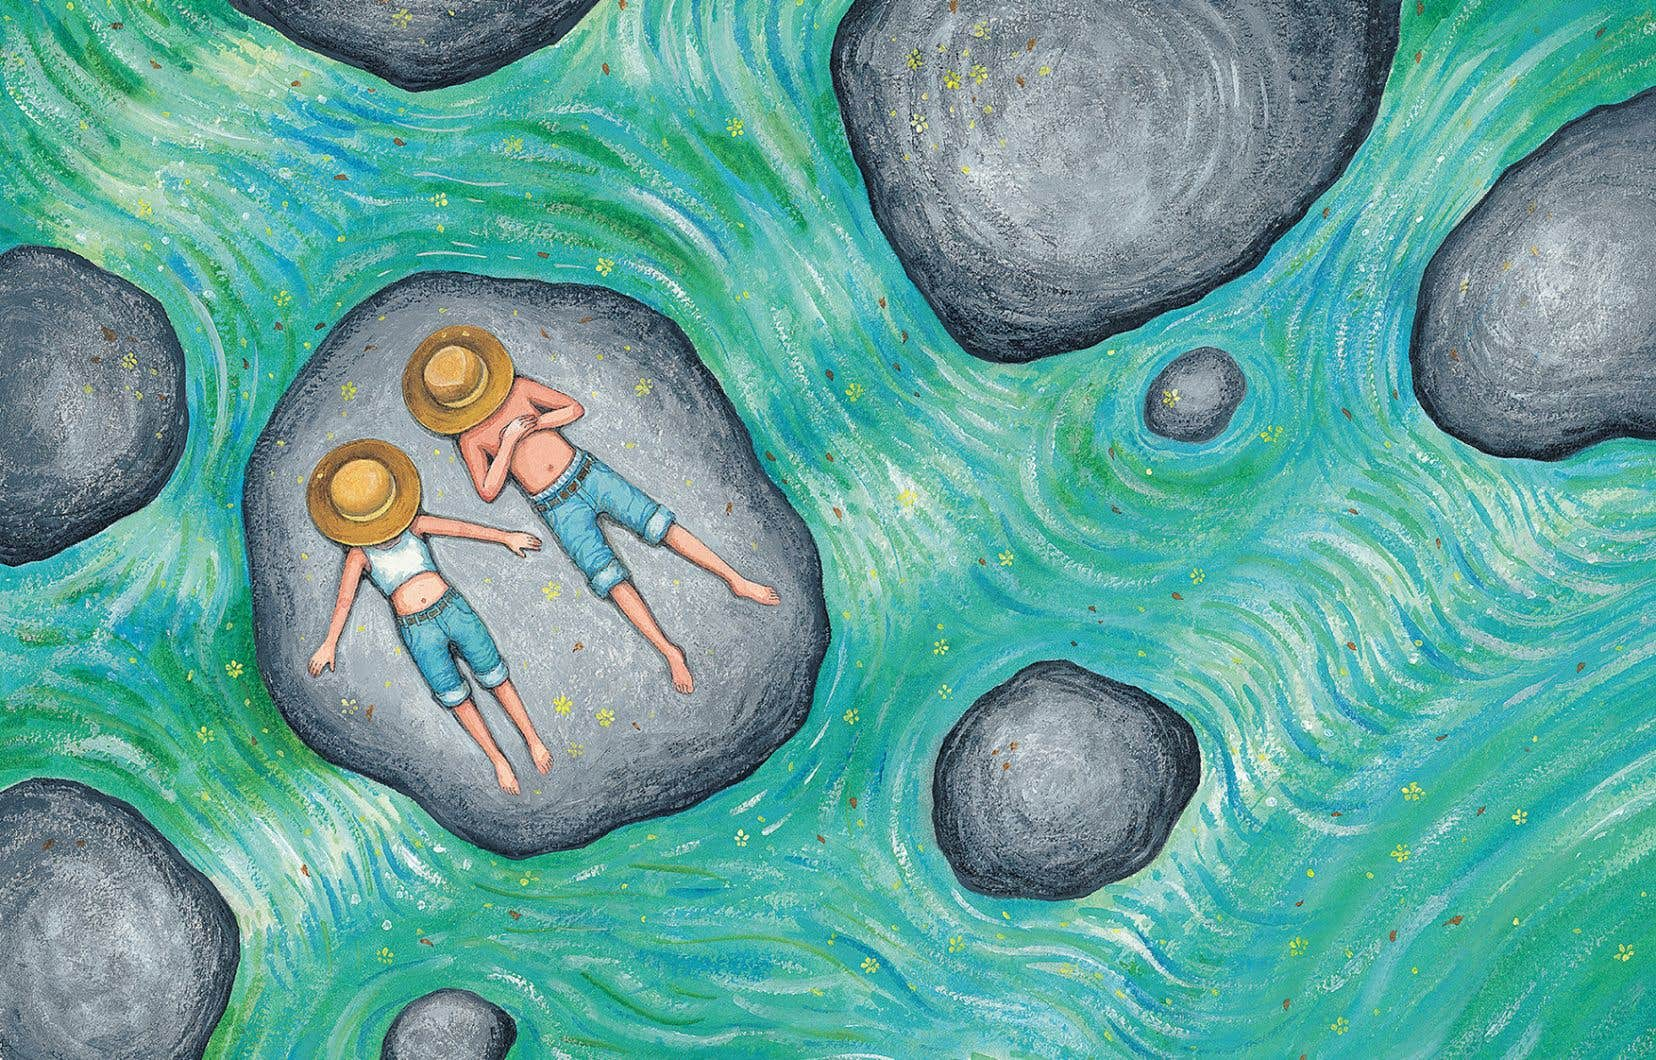 L'hommage à Van Gogh, déjà présent dans le titre «Une nuit étoilée», revient ici et là dans l'album et teinte le tout d'une aura chaleureuse.